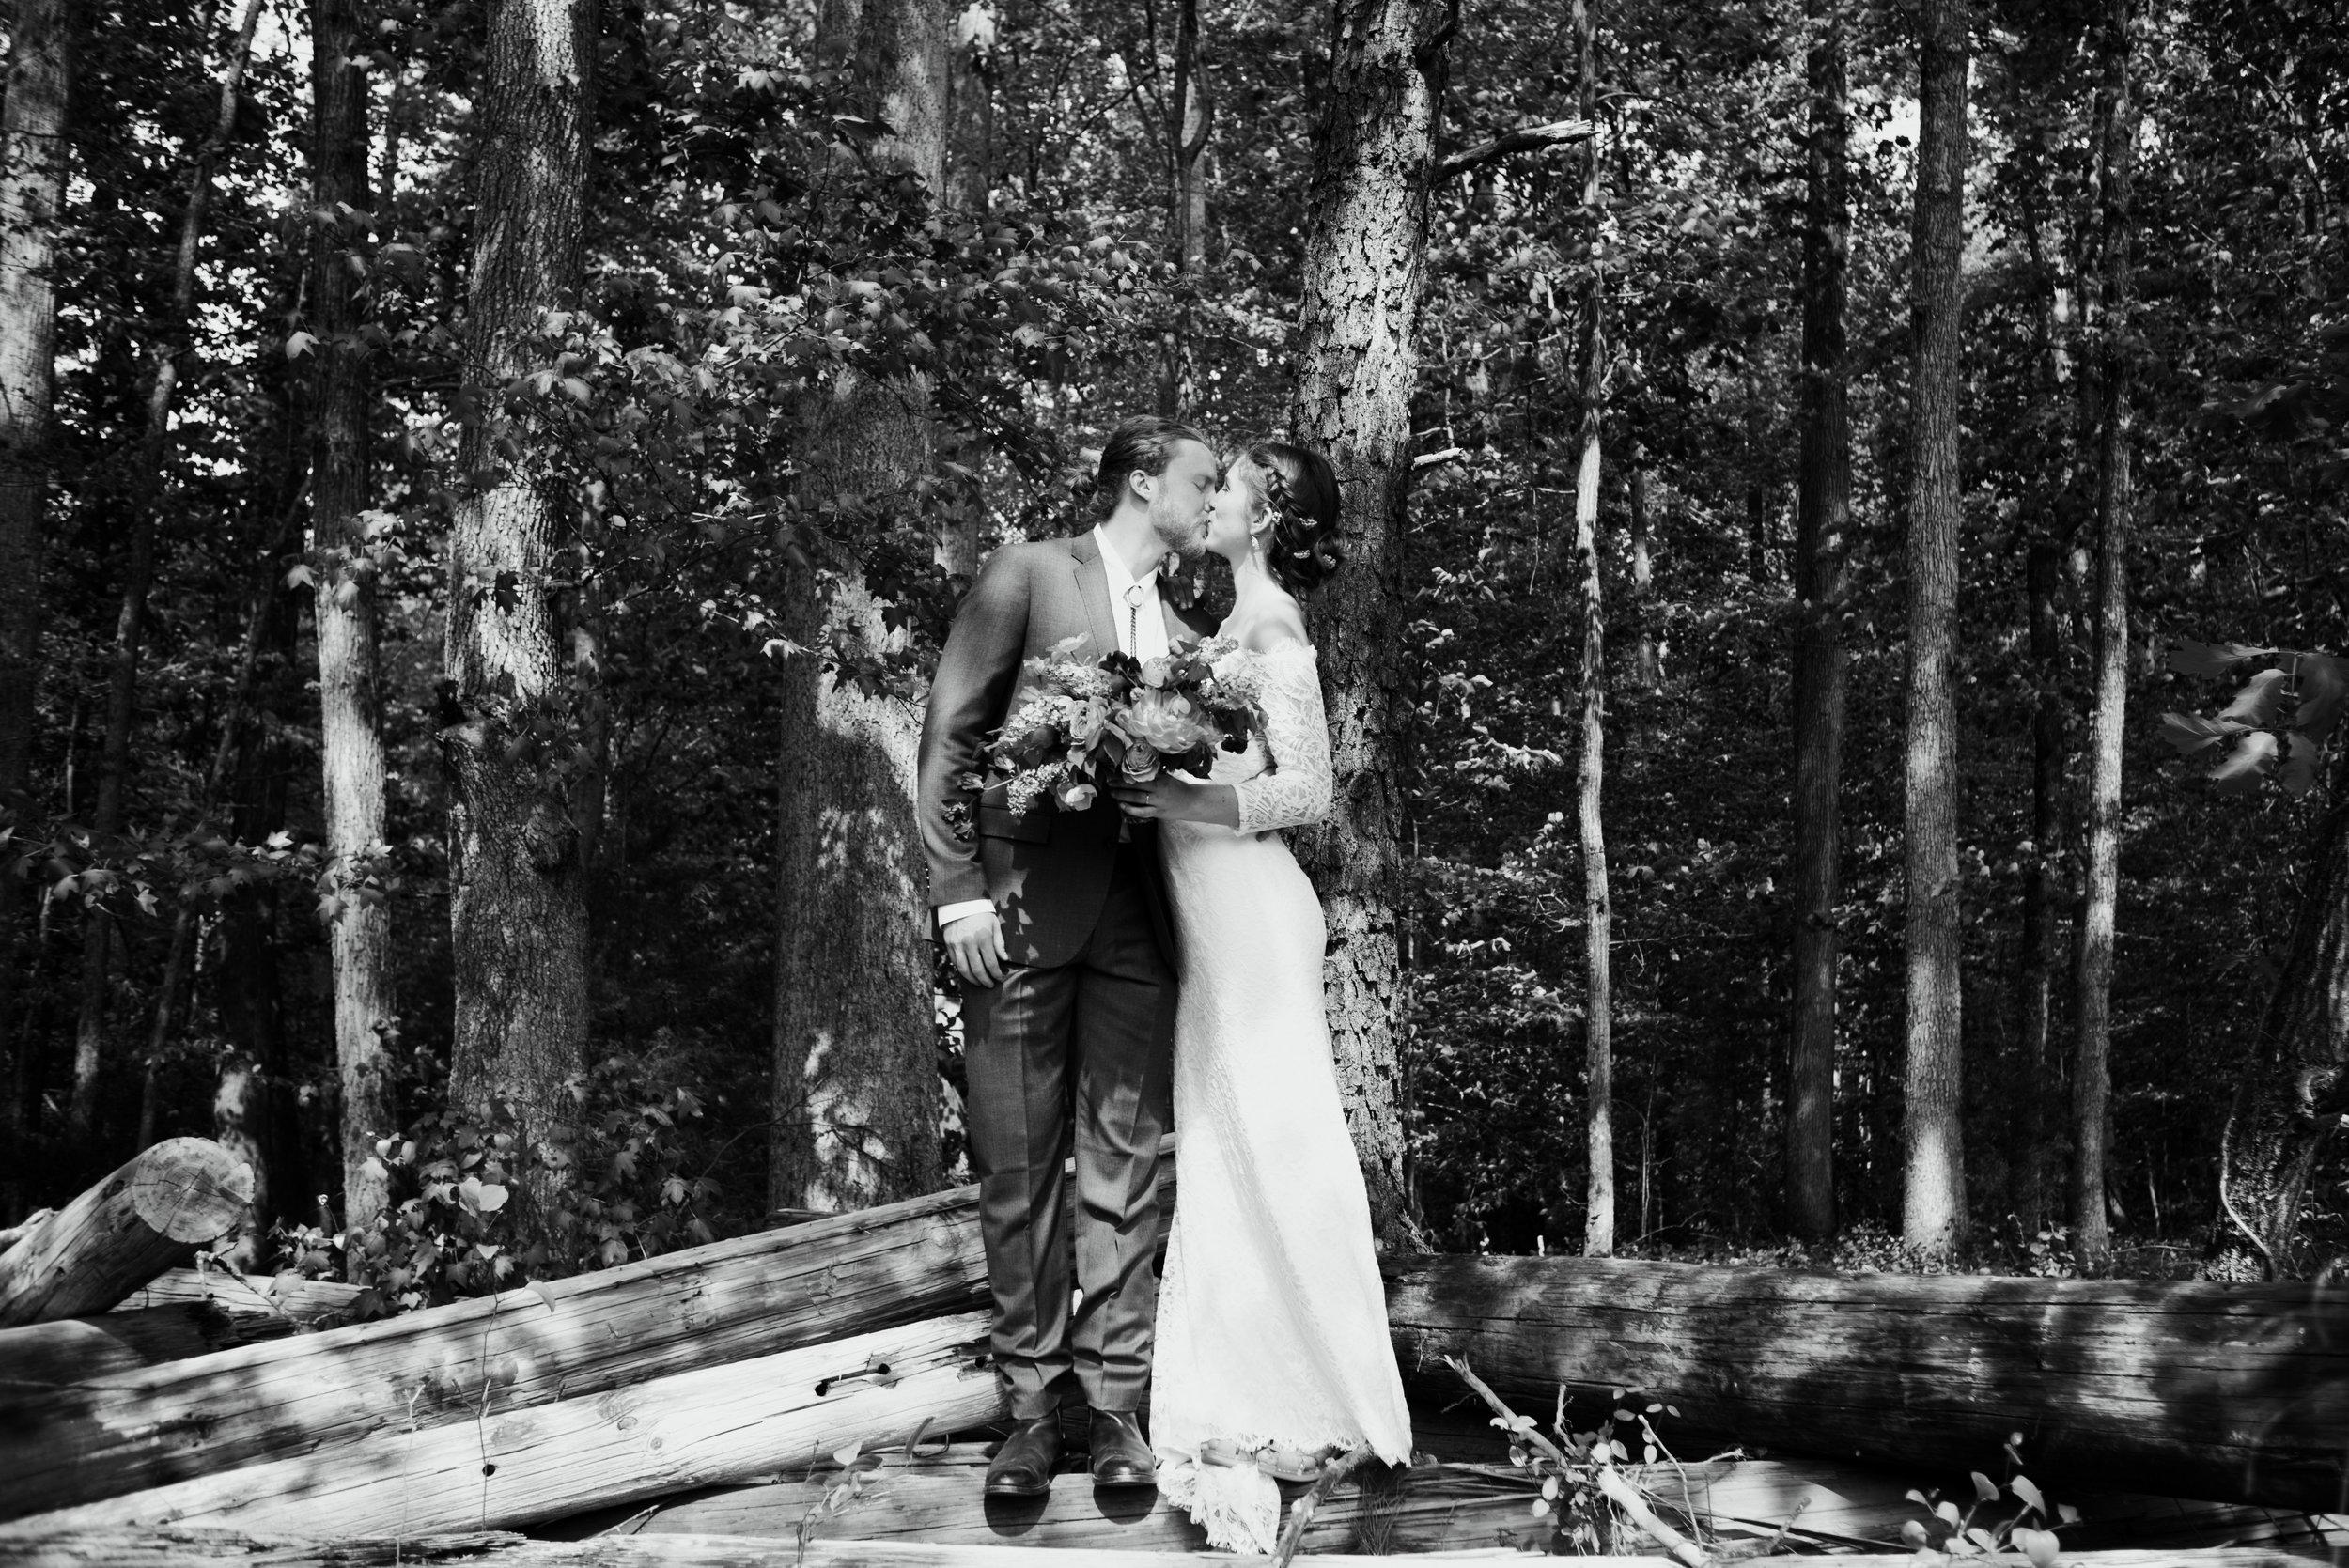 raleigh-elopement-photographer-raleigh-durham-wedding-maddie-and-devin- (40 of 162).jpg